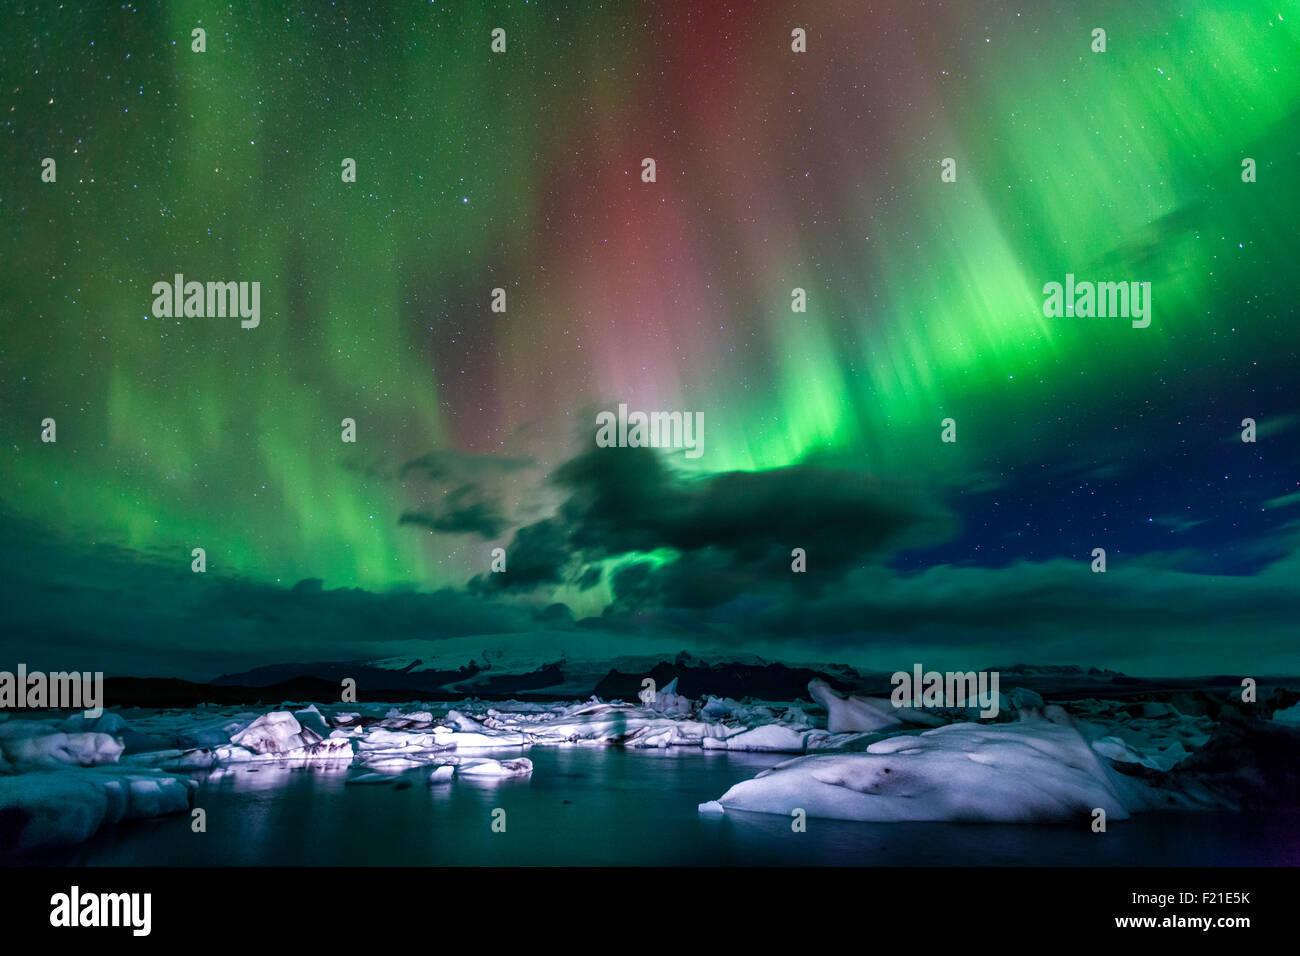 Aurora borealis over Jokulsarlon lagoon in Iceland - Stock Image